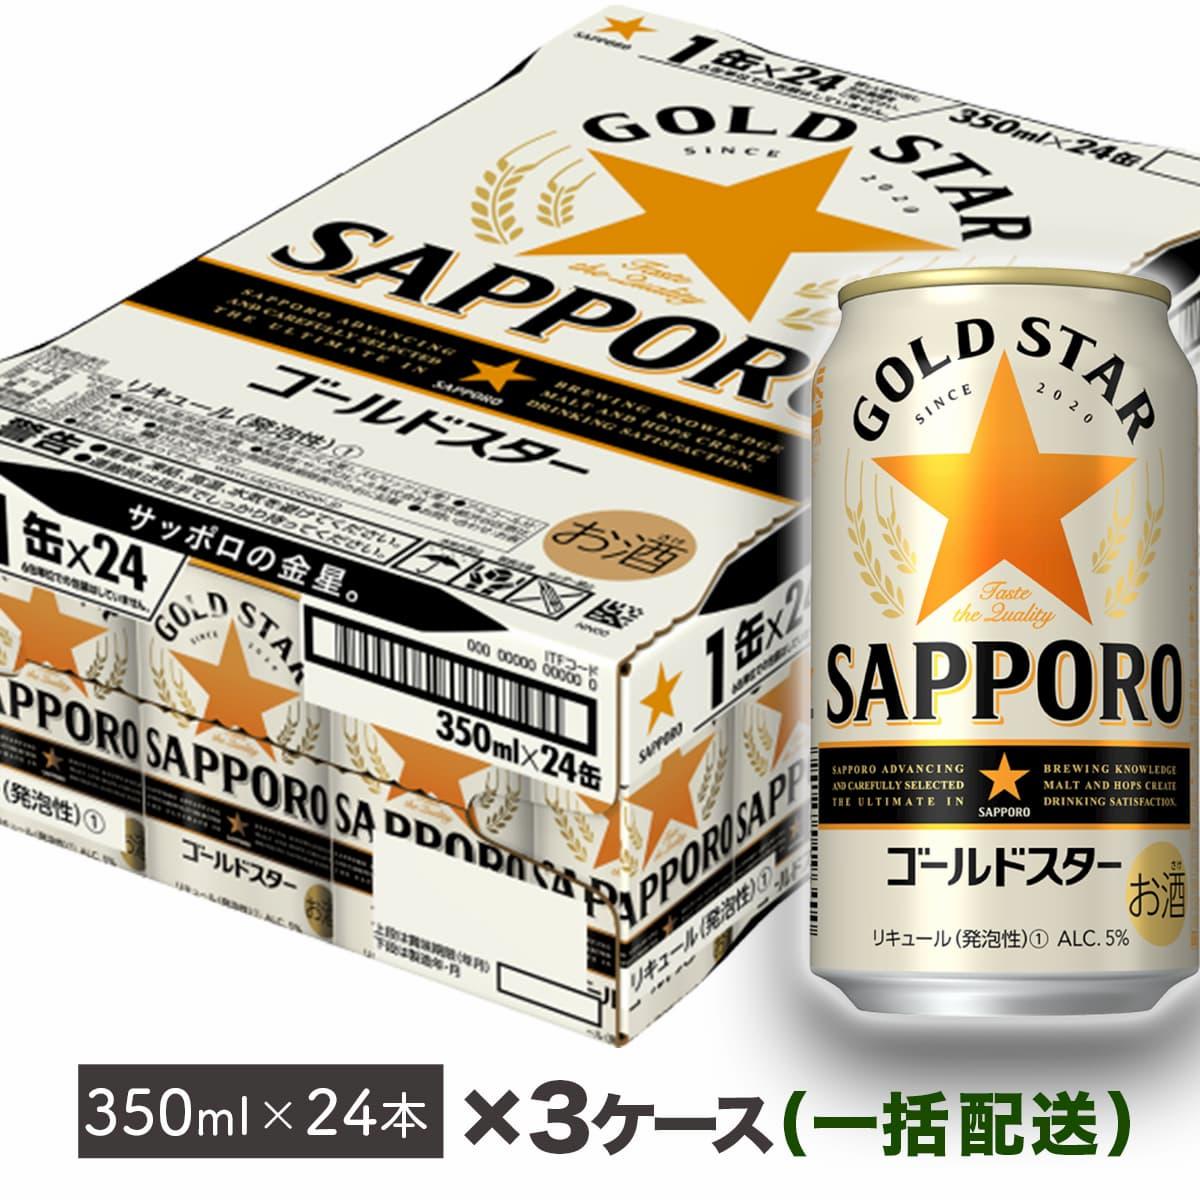 【ふるさと納税】地元名取産 サッポロ ゴールドスター 金星 350ml缶×24本(1ケース)を3ケース同時配送